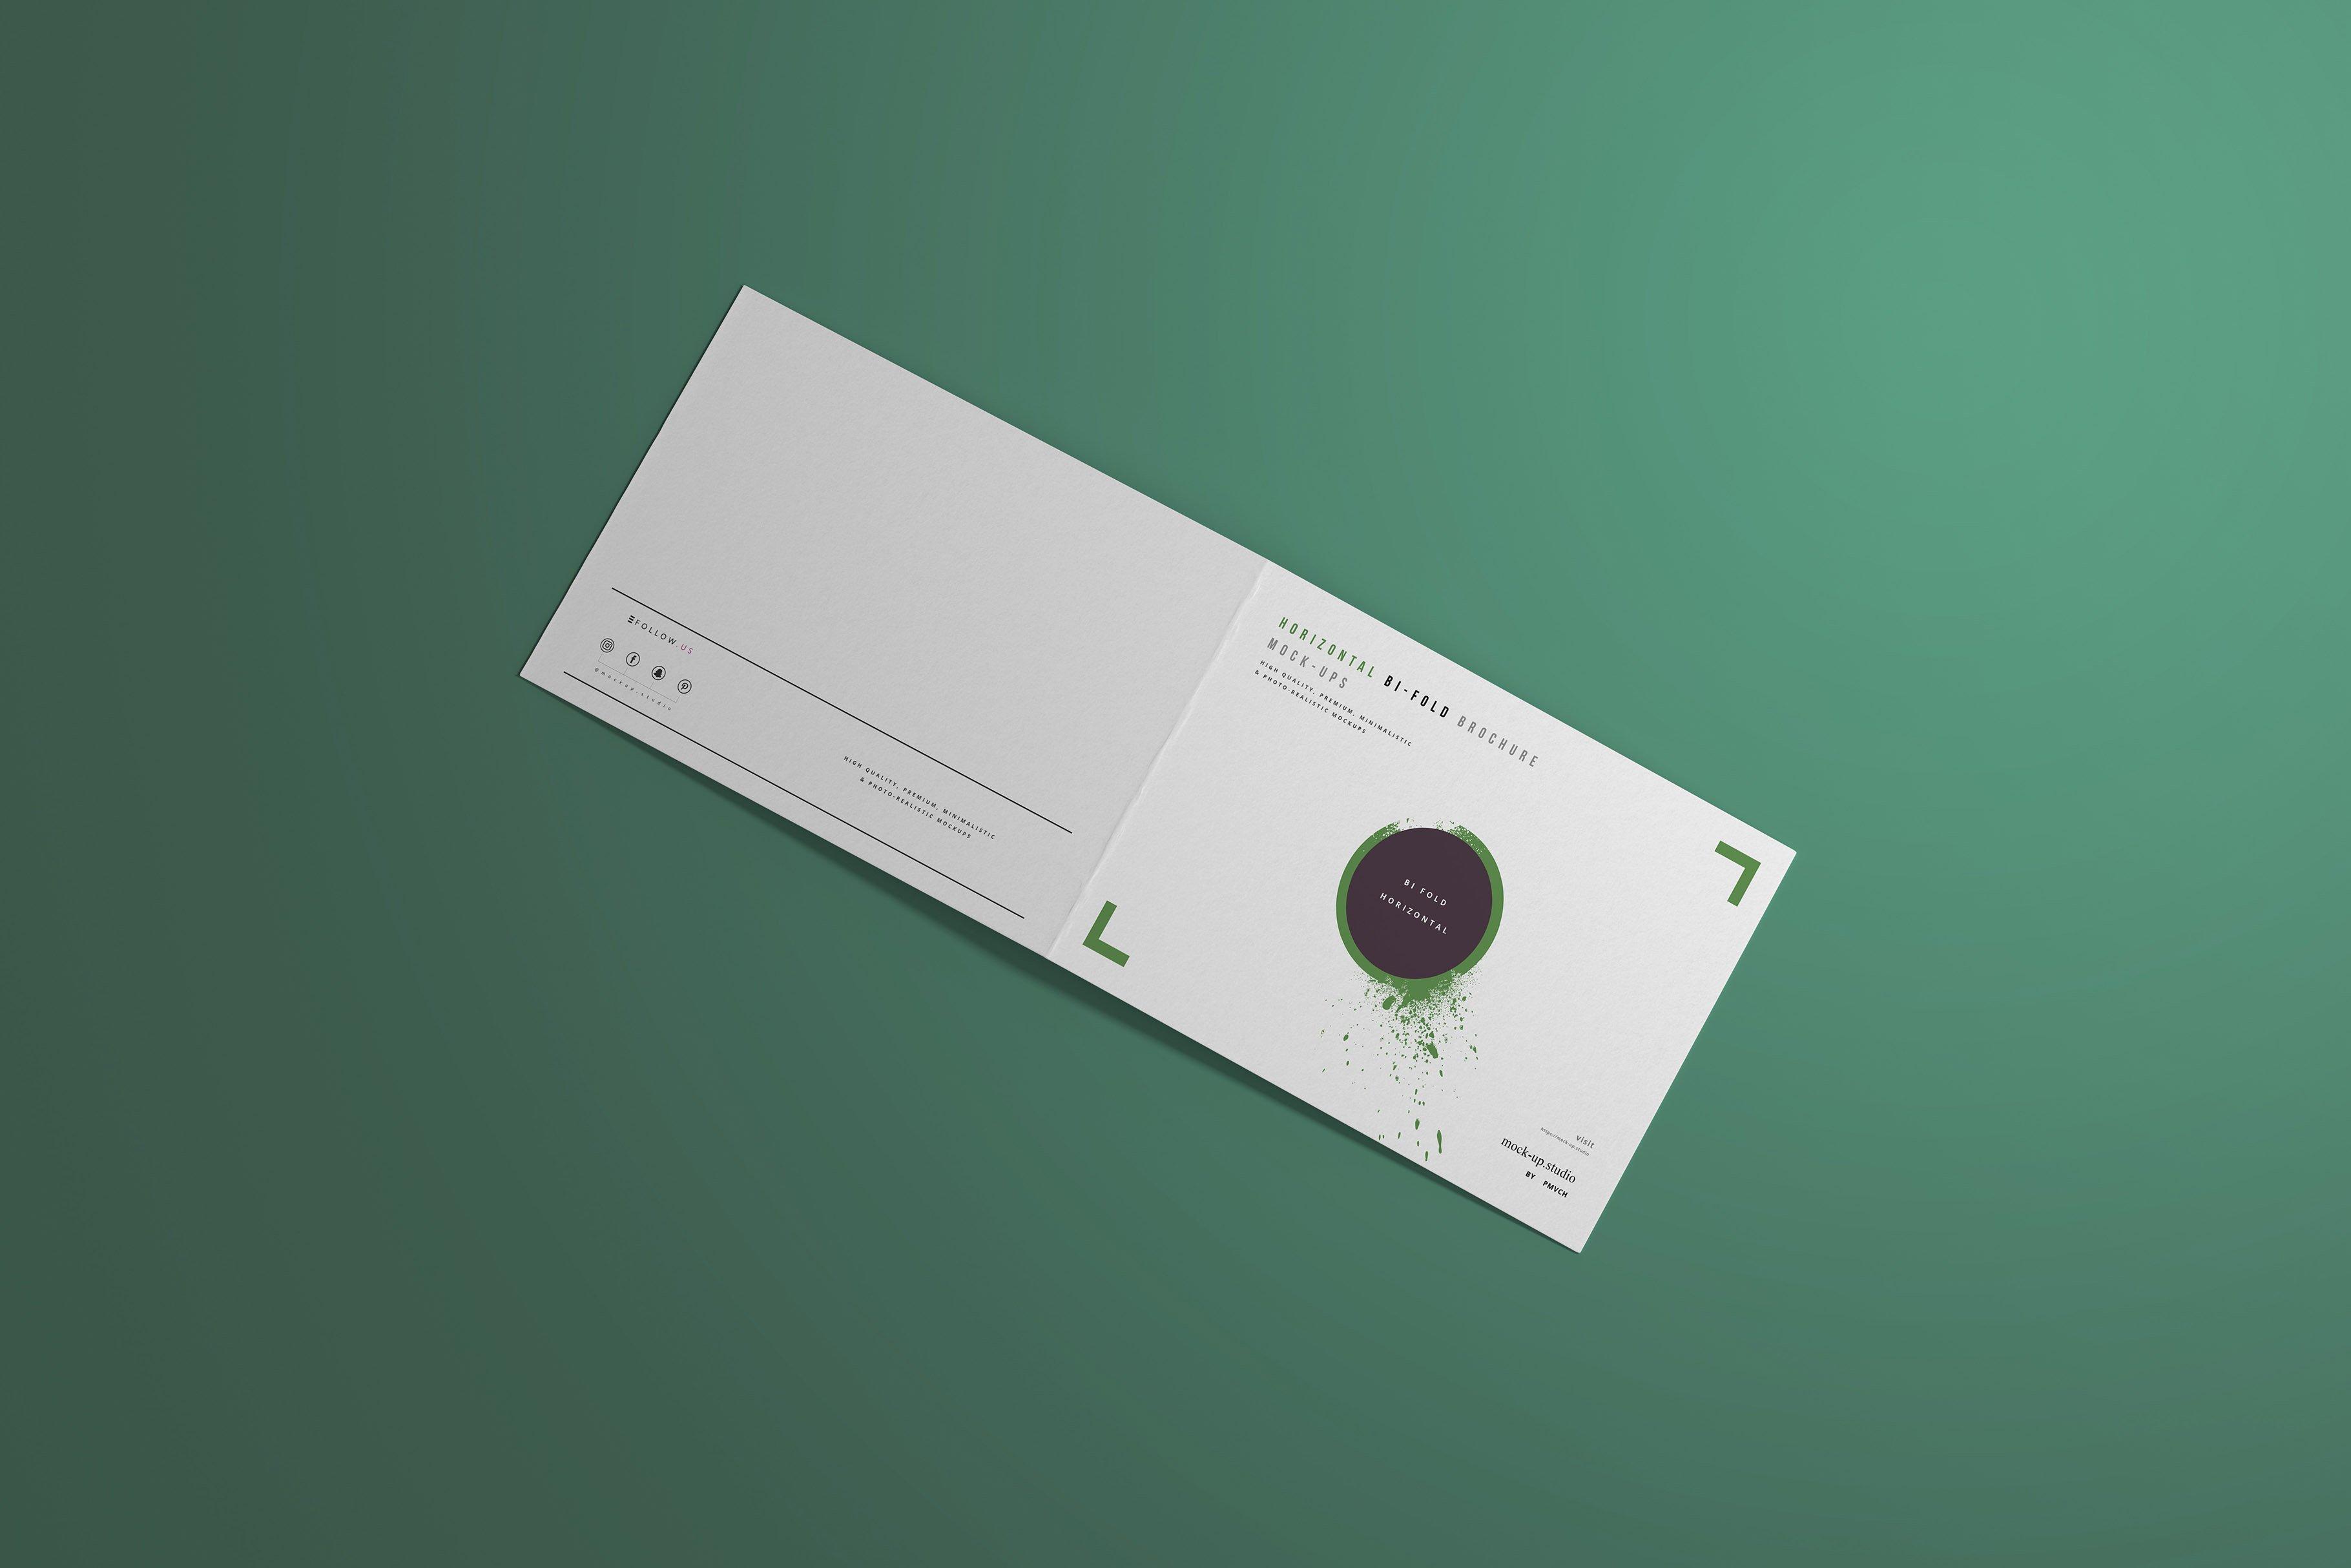 8款A4两折页小册子设计展示贴图样机模板 A4 Bi-Fold Horizontal Mockups插图(6)